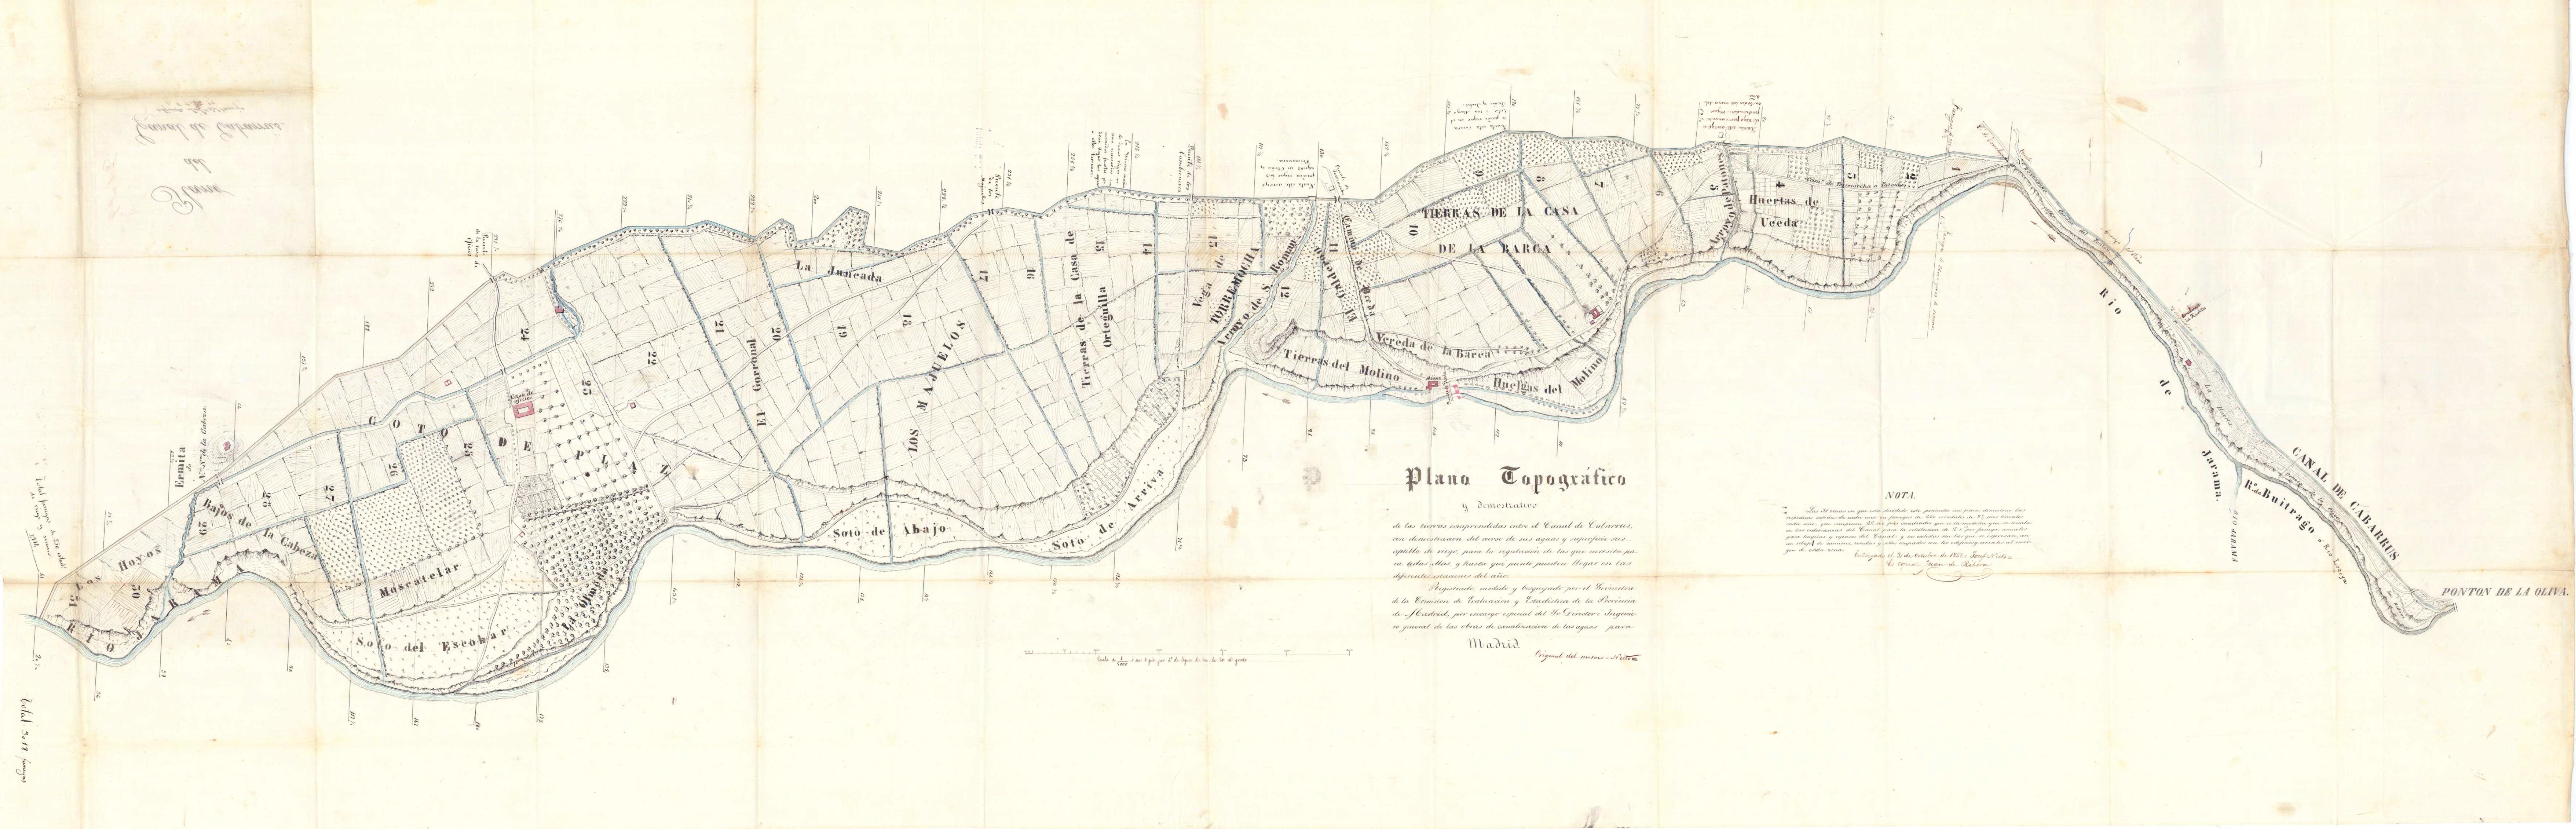 12_Plano topográfico Vega Uceda 1851 pp285